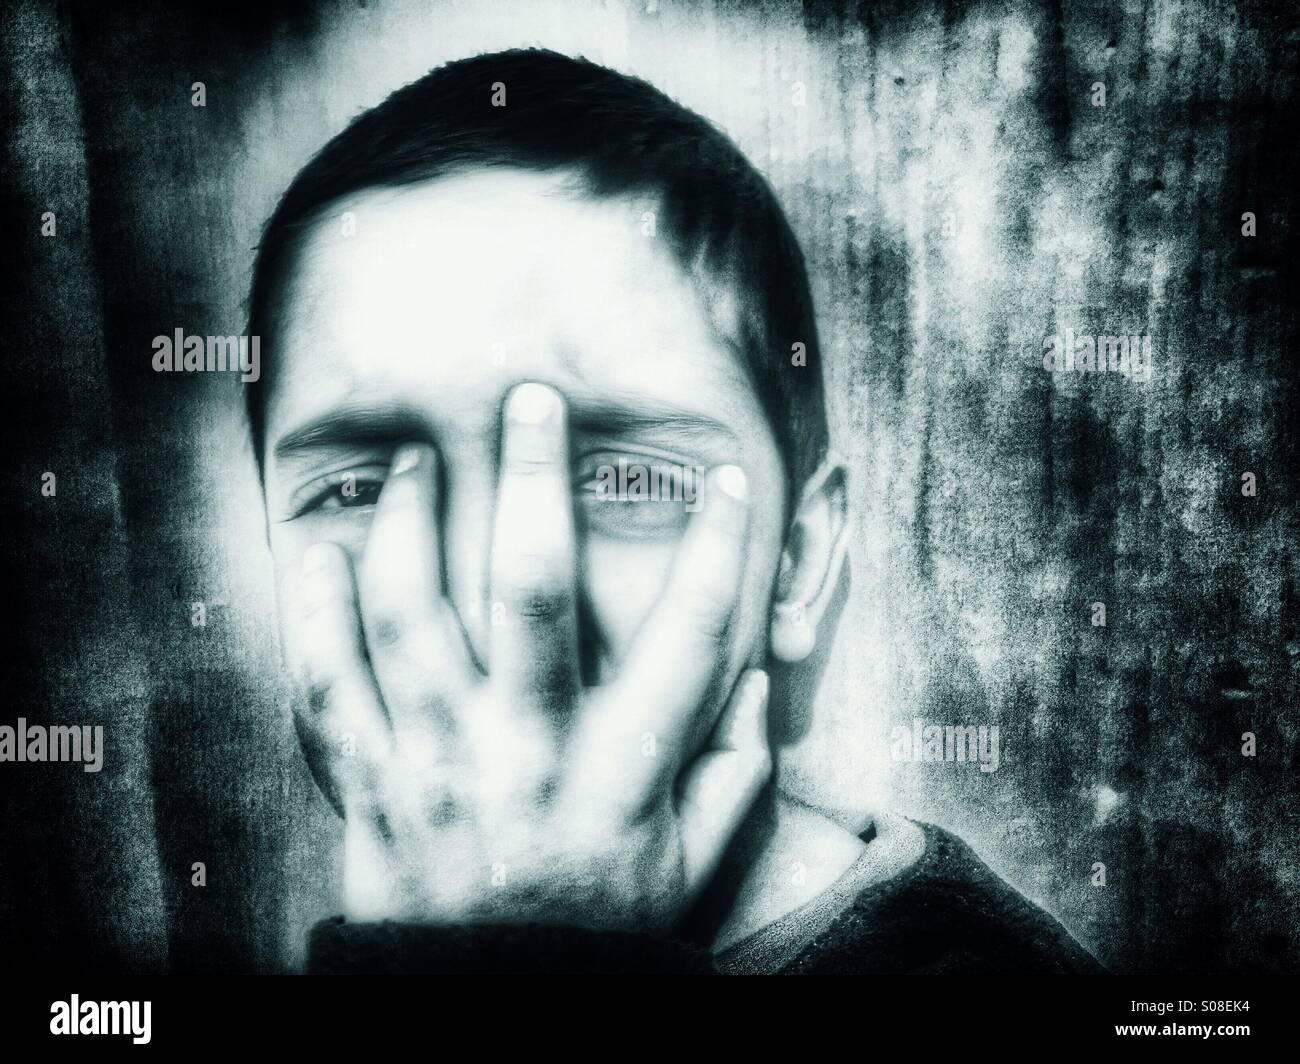 Scared boy hiding face - Stock Image